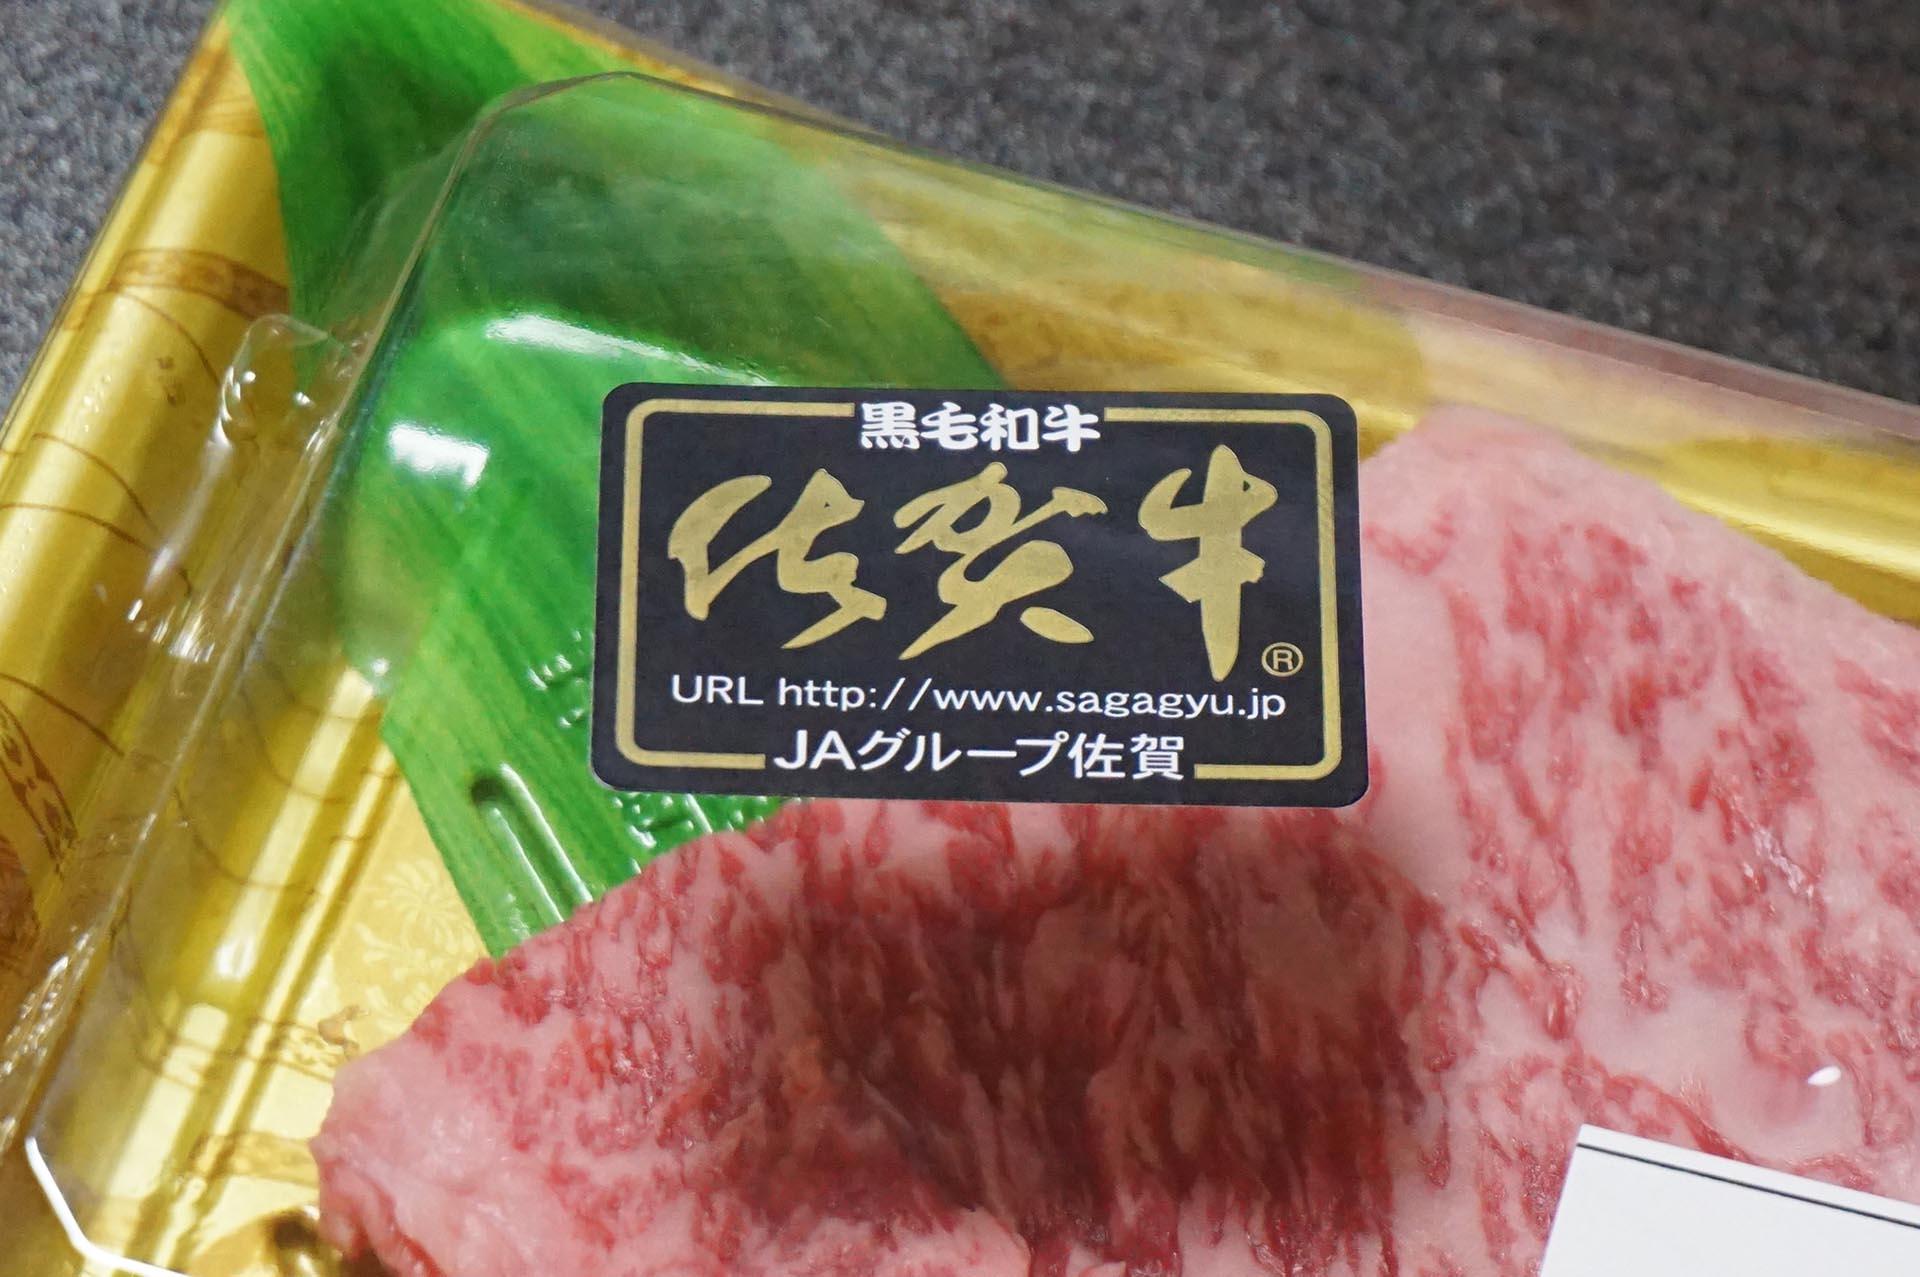 佐賀牛のJAグループのシール